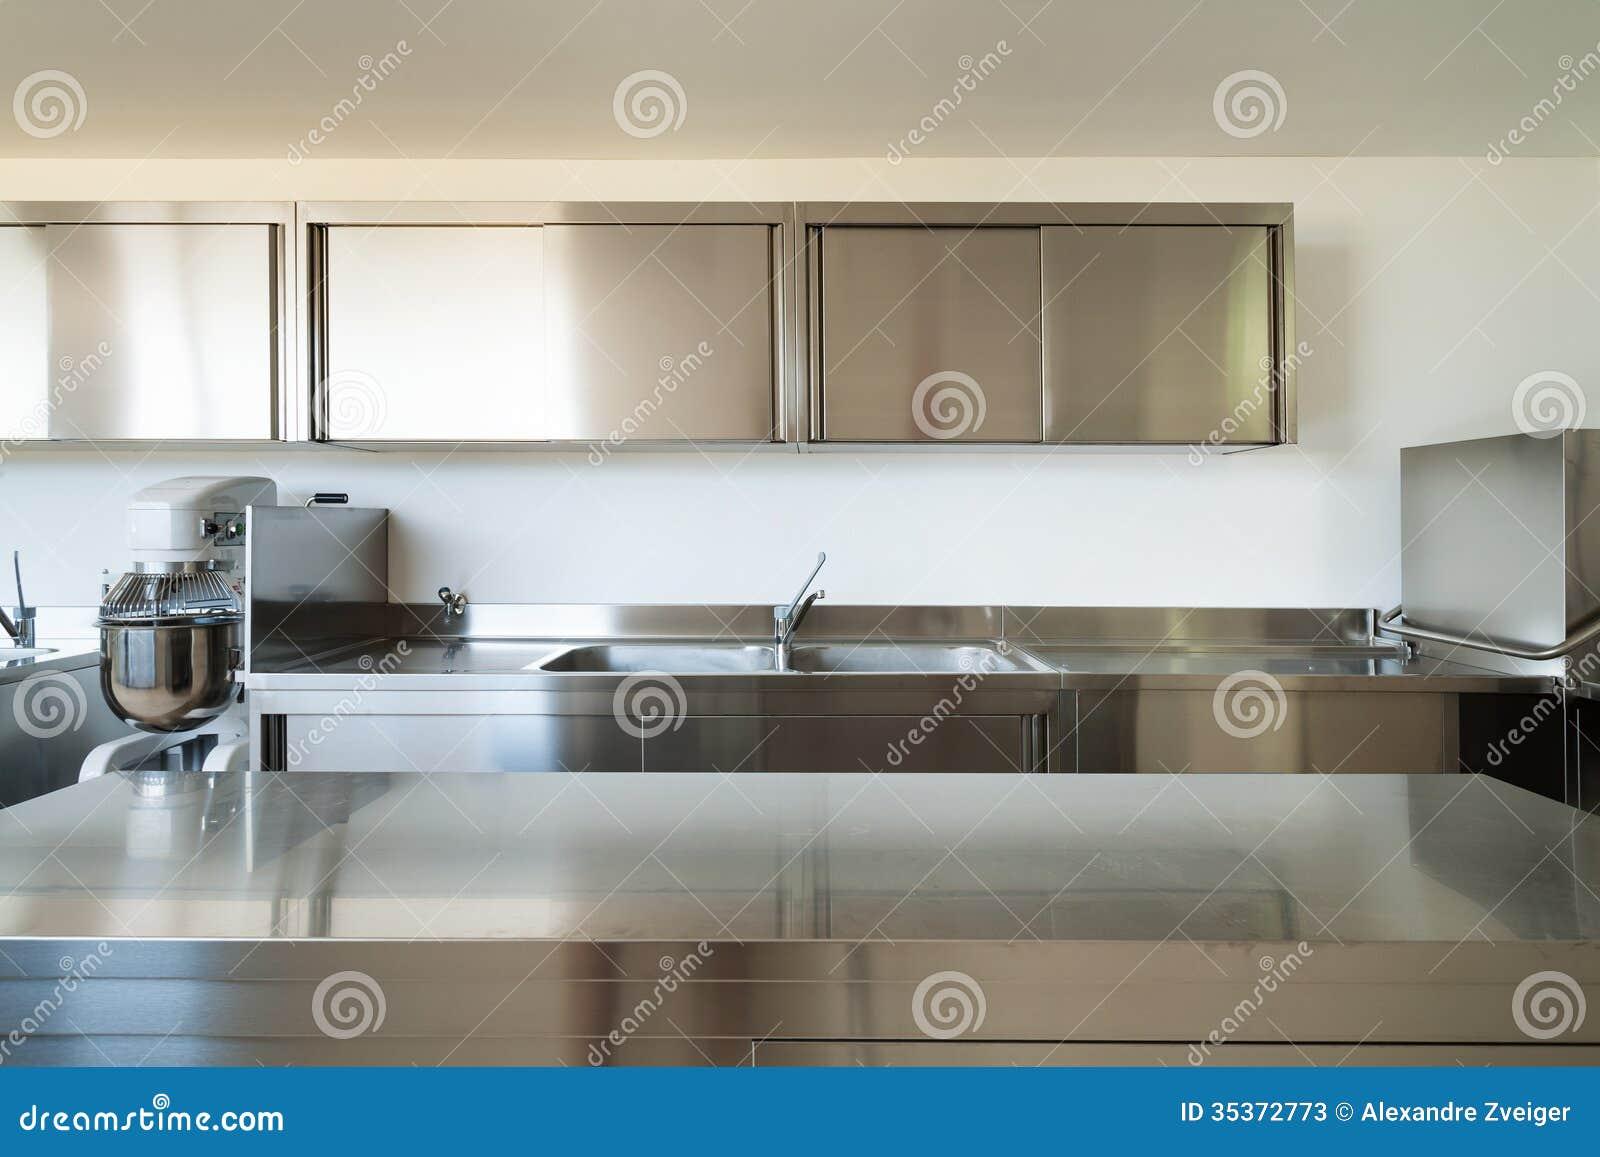 Cocina profesional fotos de archivo imagen 35372773 for Cocina profesional